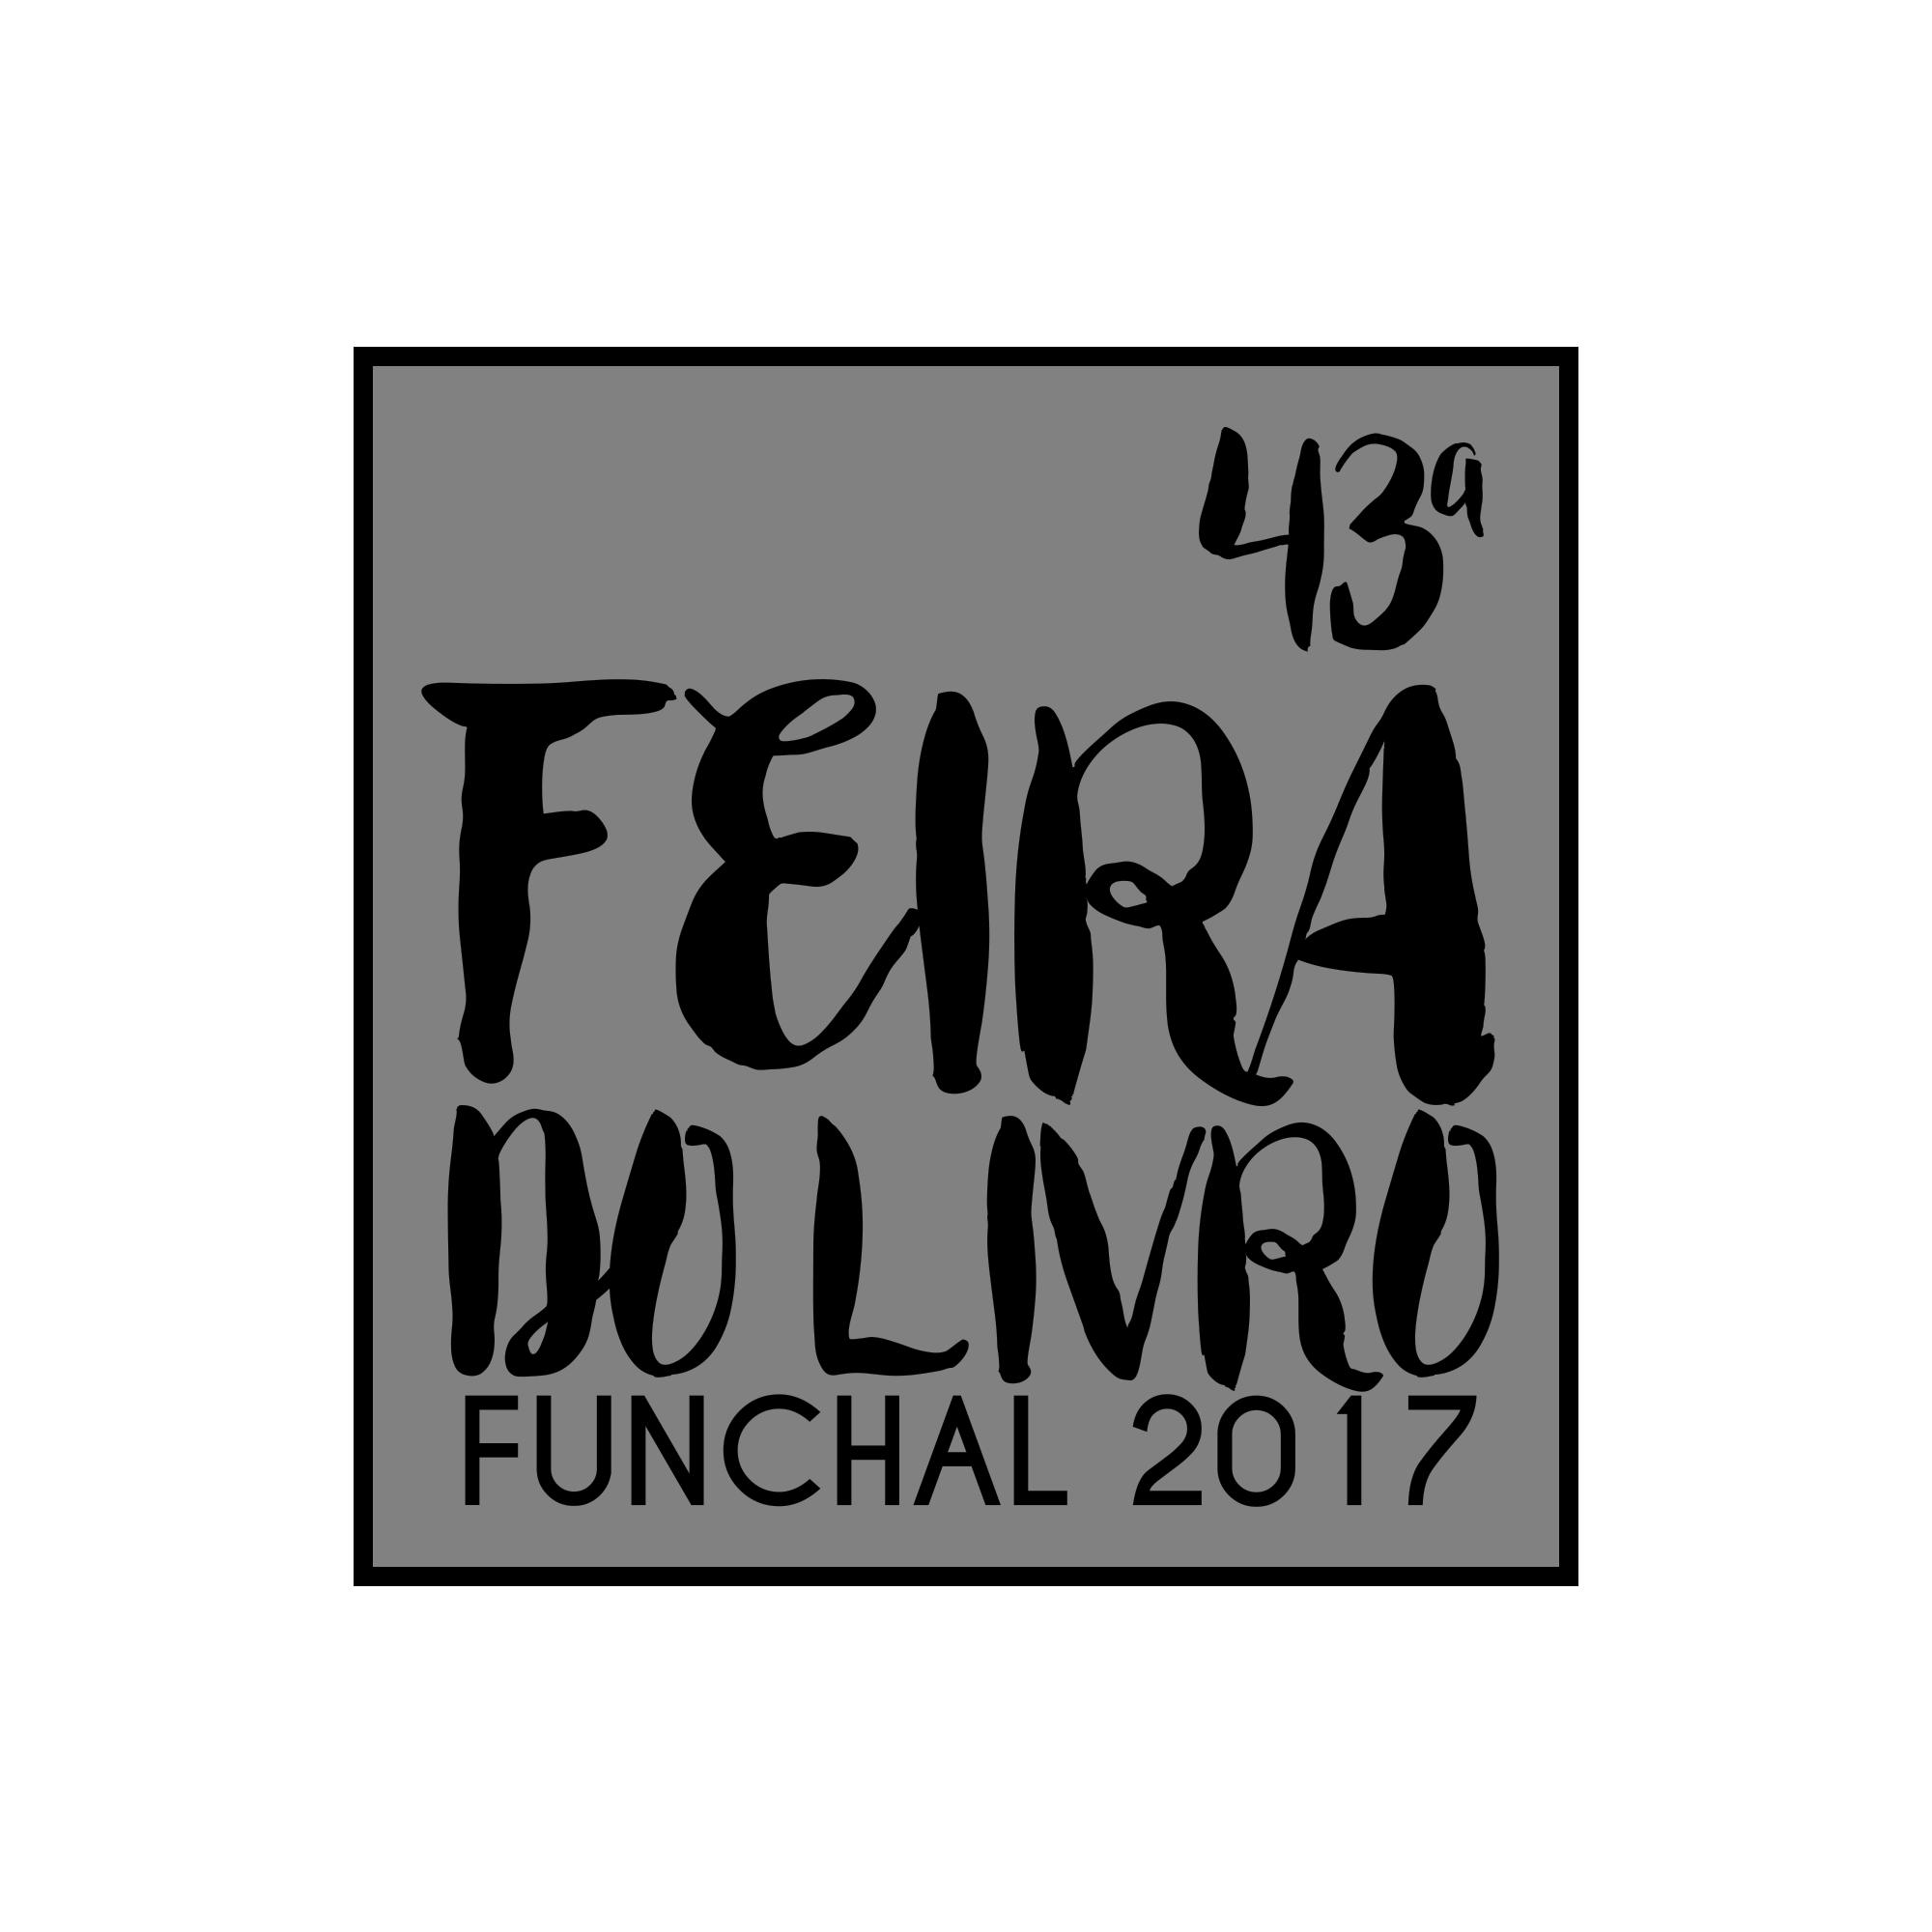 43ª Feira do Livro da Madeira 2017